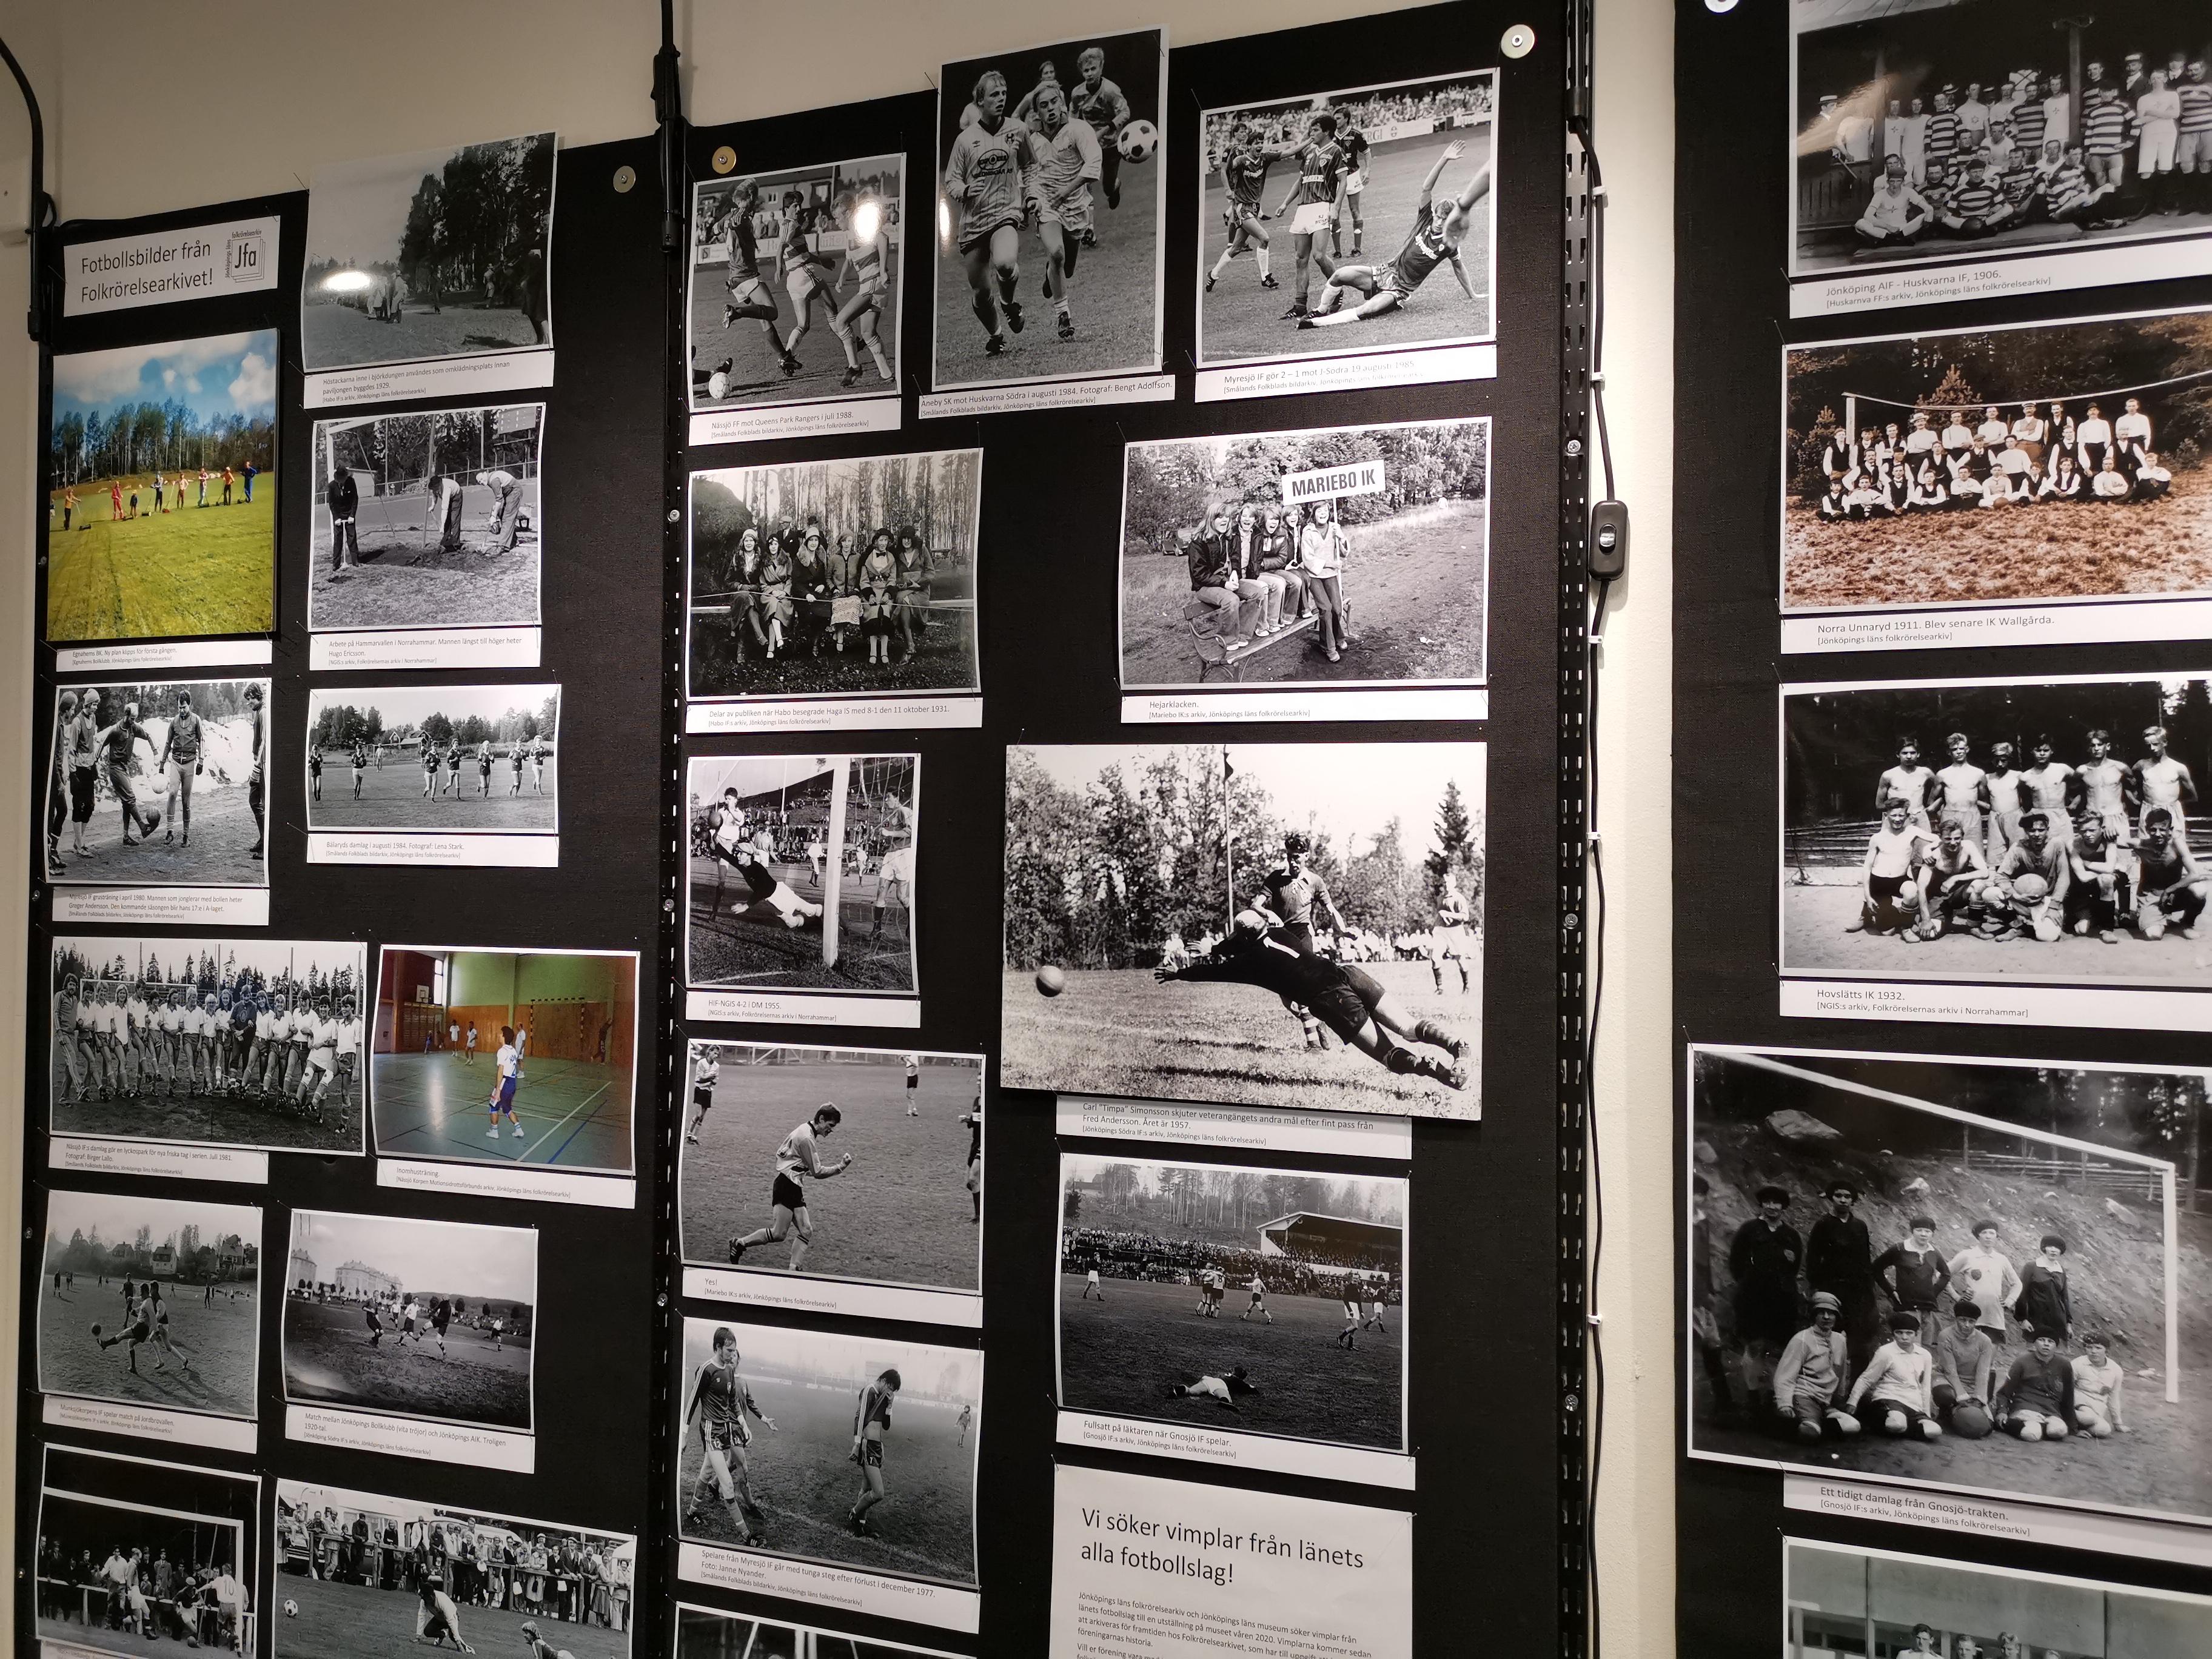 Bild på del av vägg med ett tjugotalfotografier monterade. Fotografierna är alla fotbollsrelaterade.